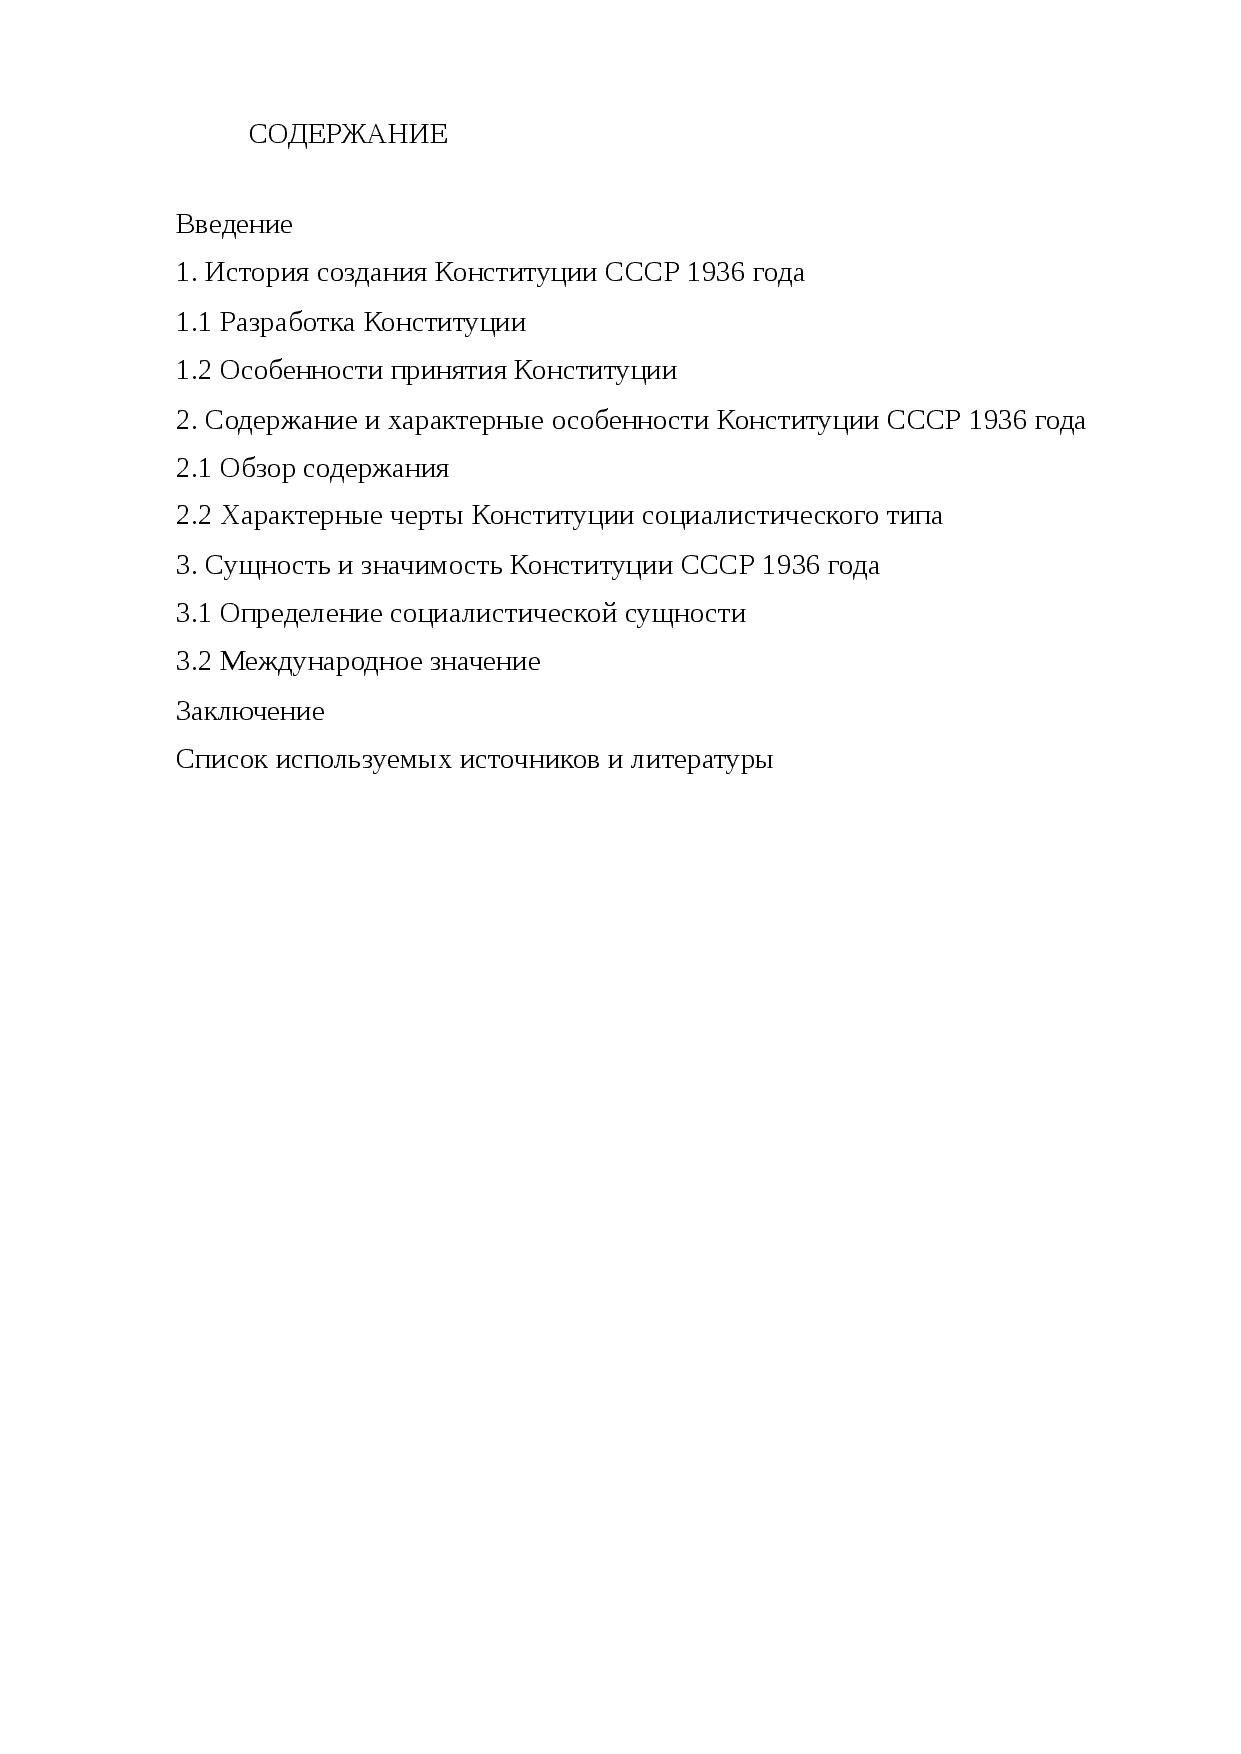 сталинская конституция 1936 года